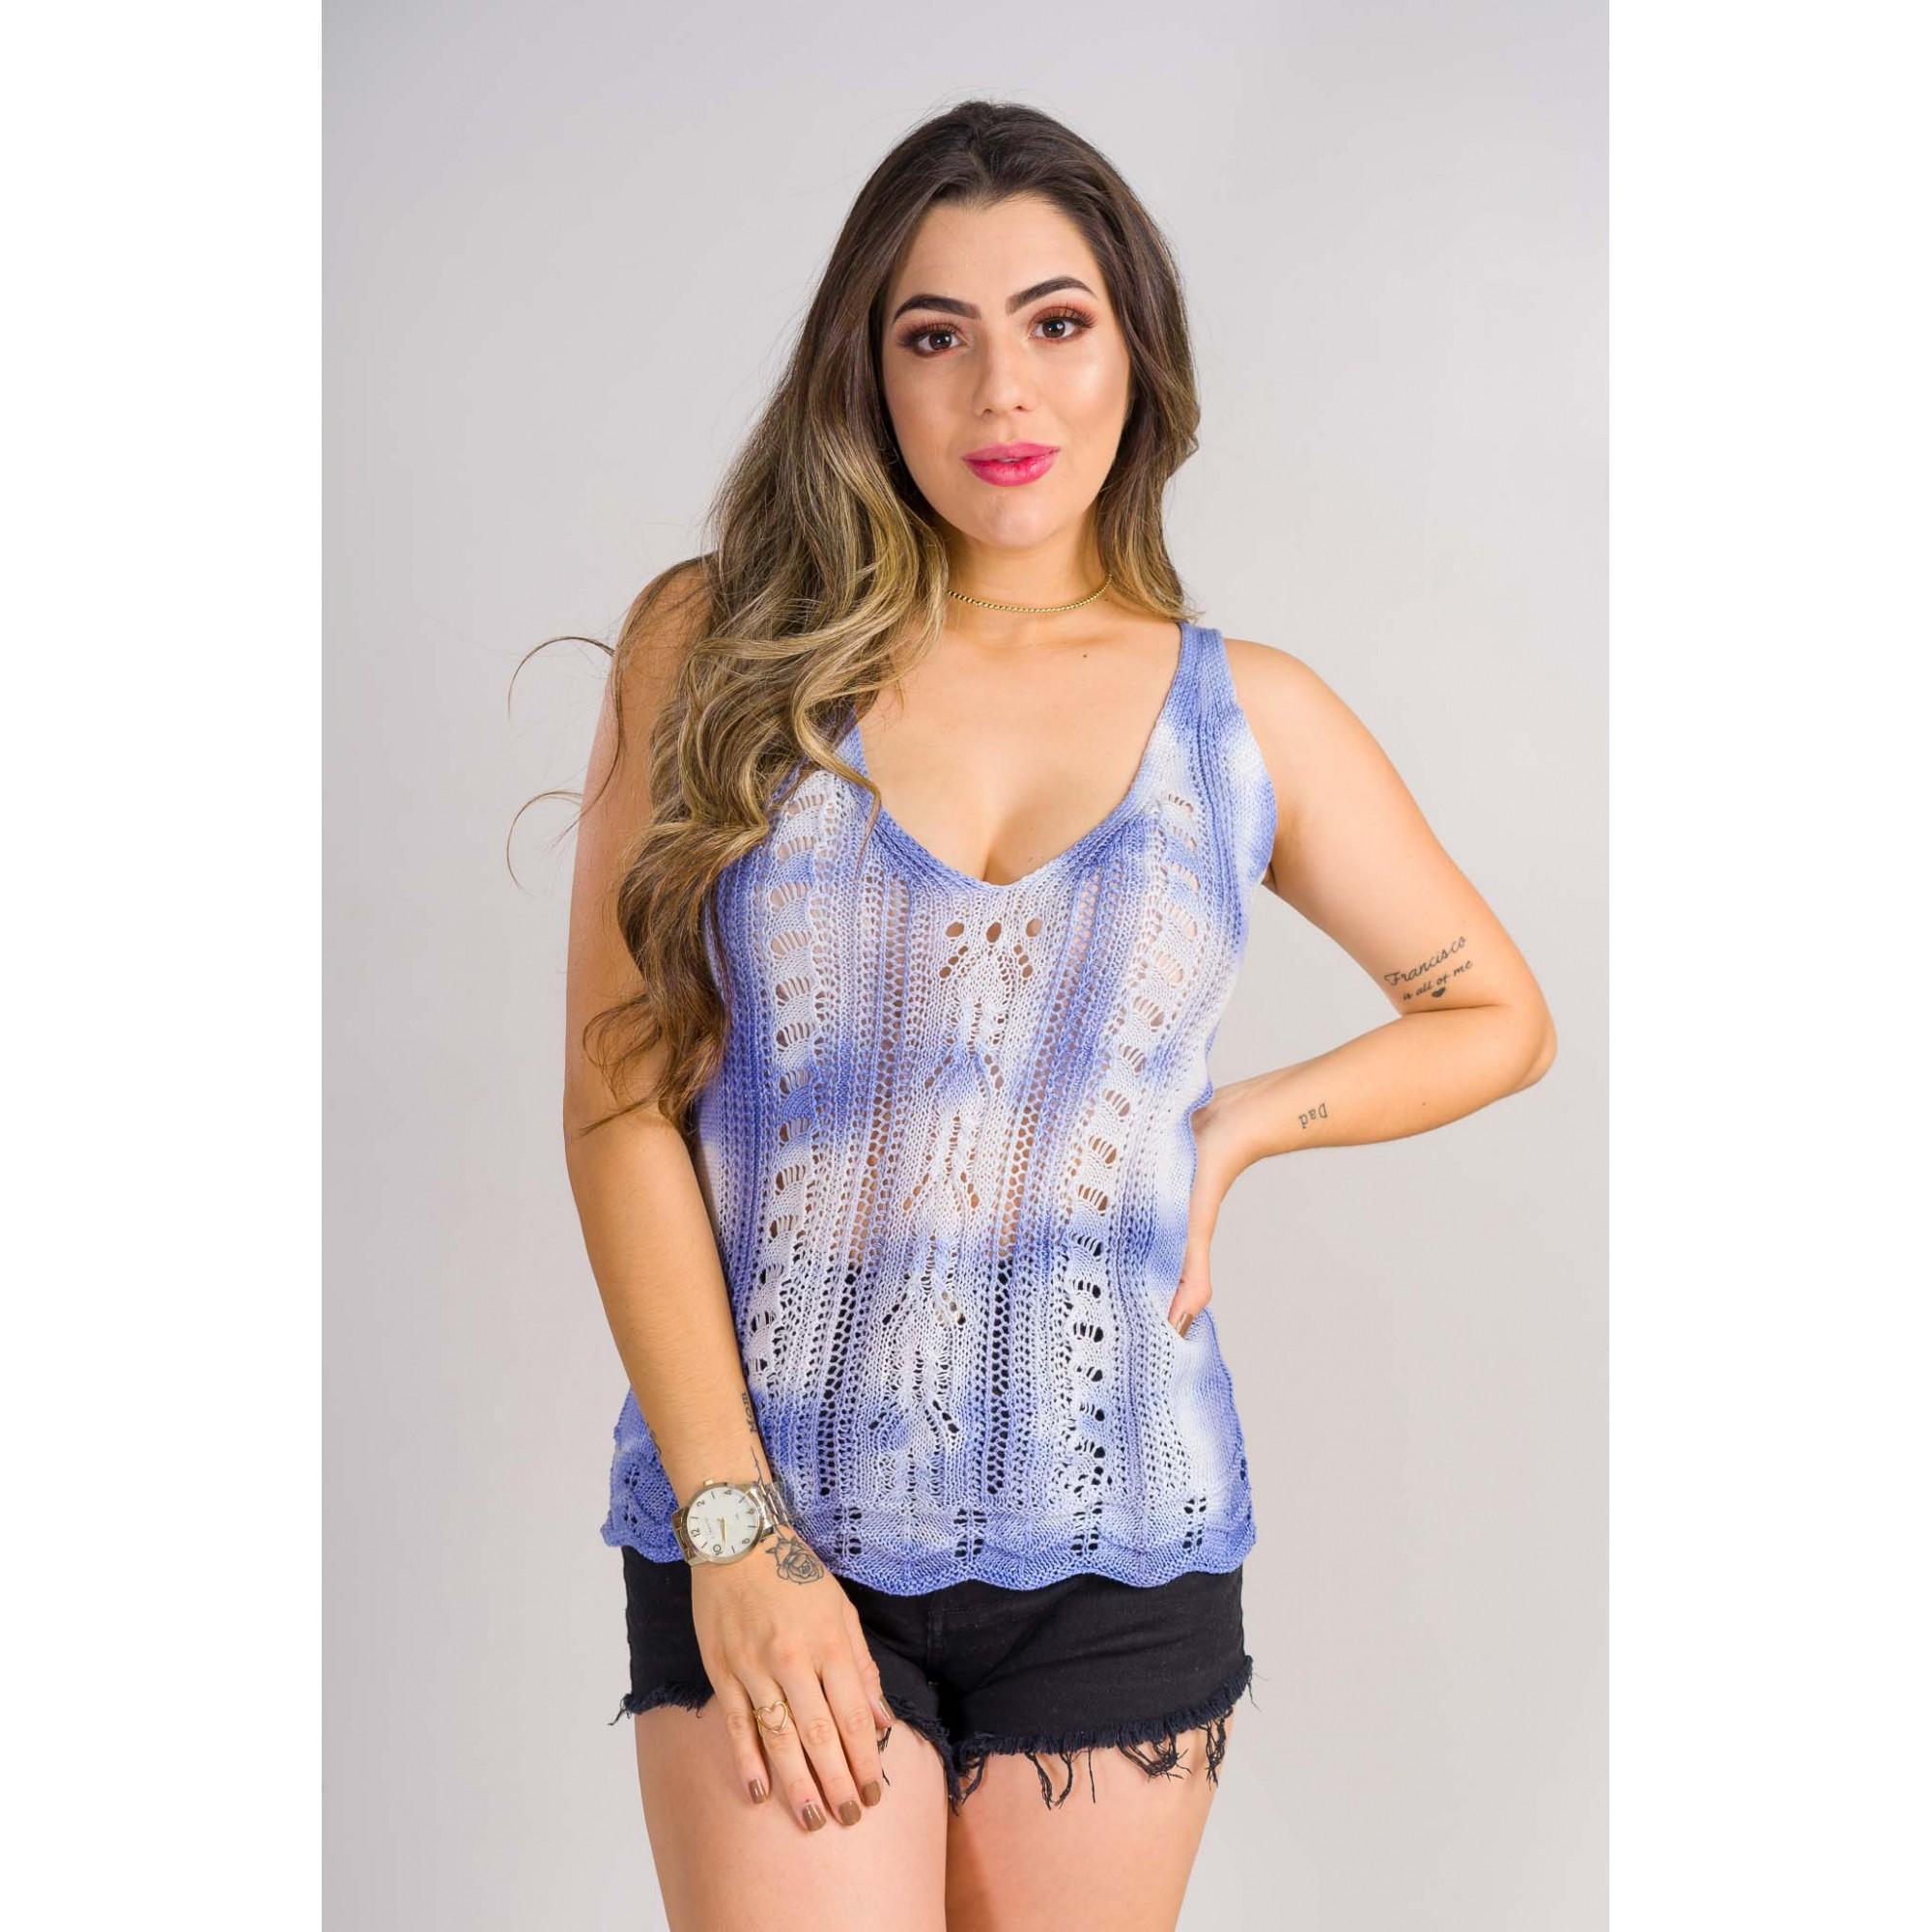 regata tie day tricot de verão loja online monte sião mg